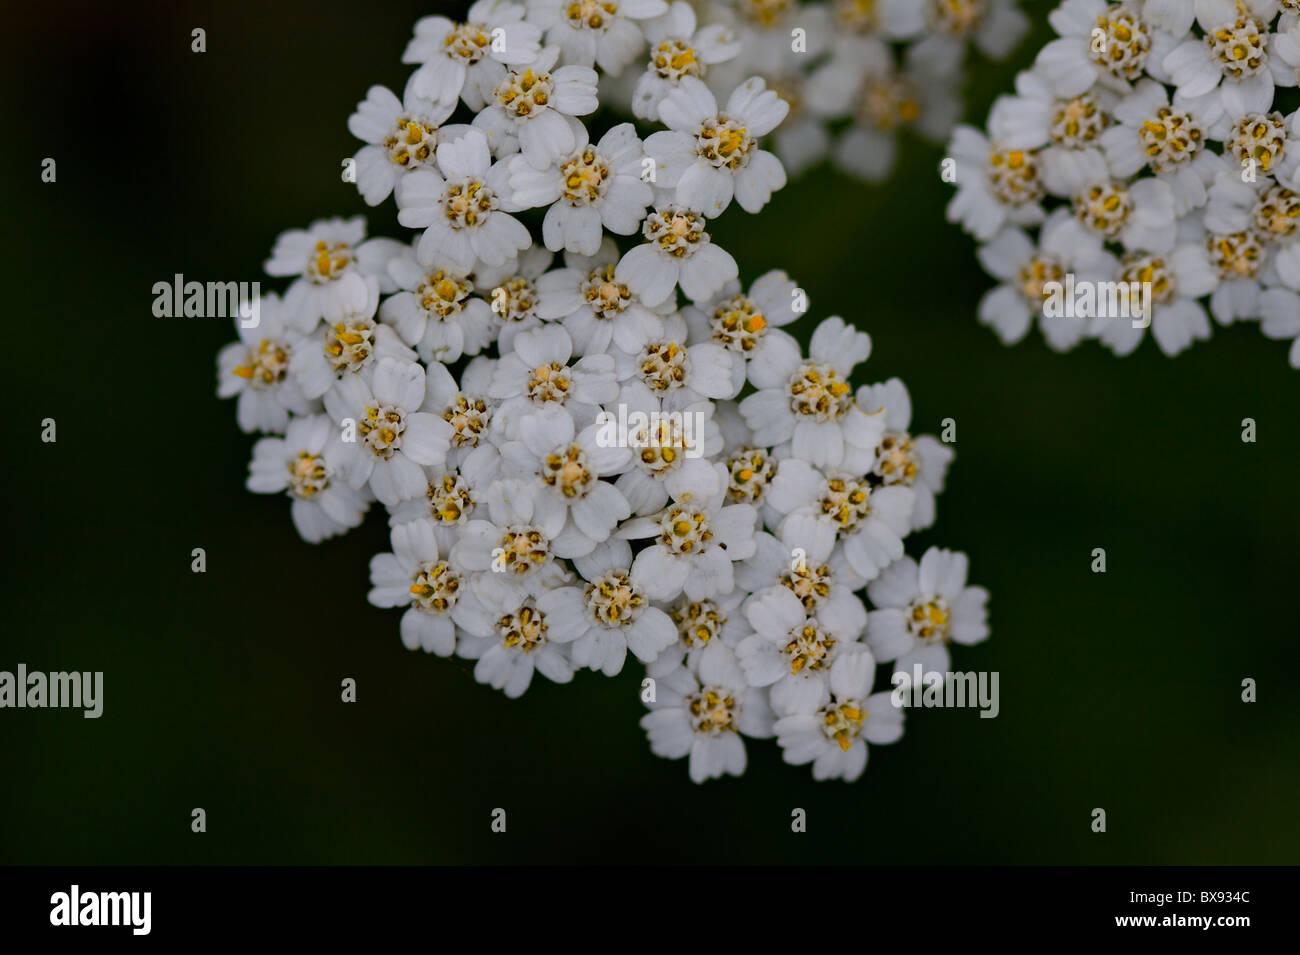 Small white mountain flowers stock photo 33391468 alamy small white mountain flowers mightylinksfo